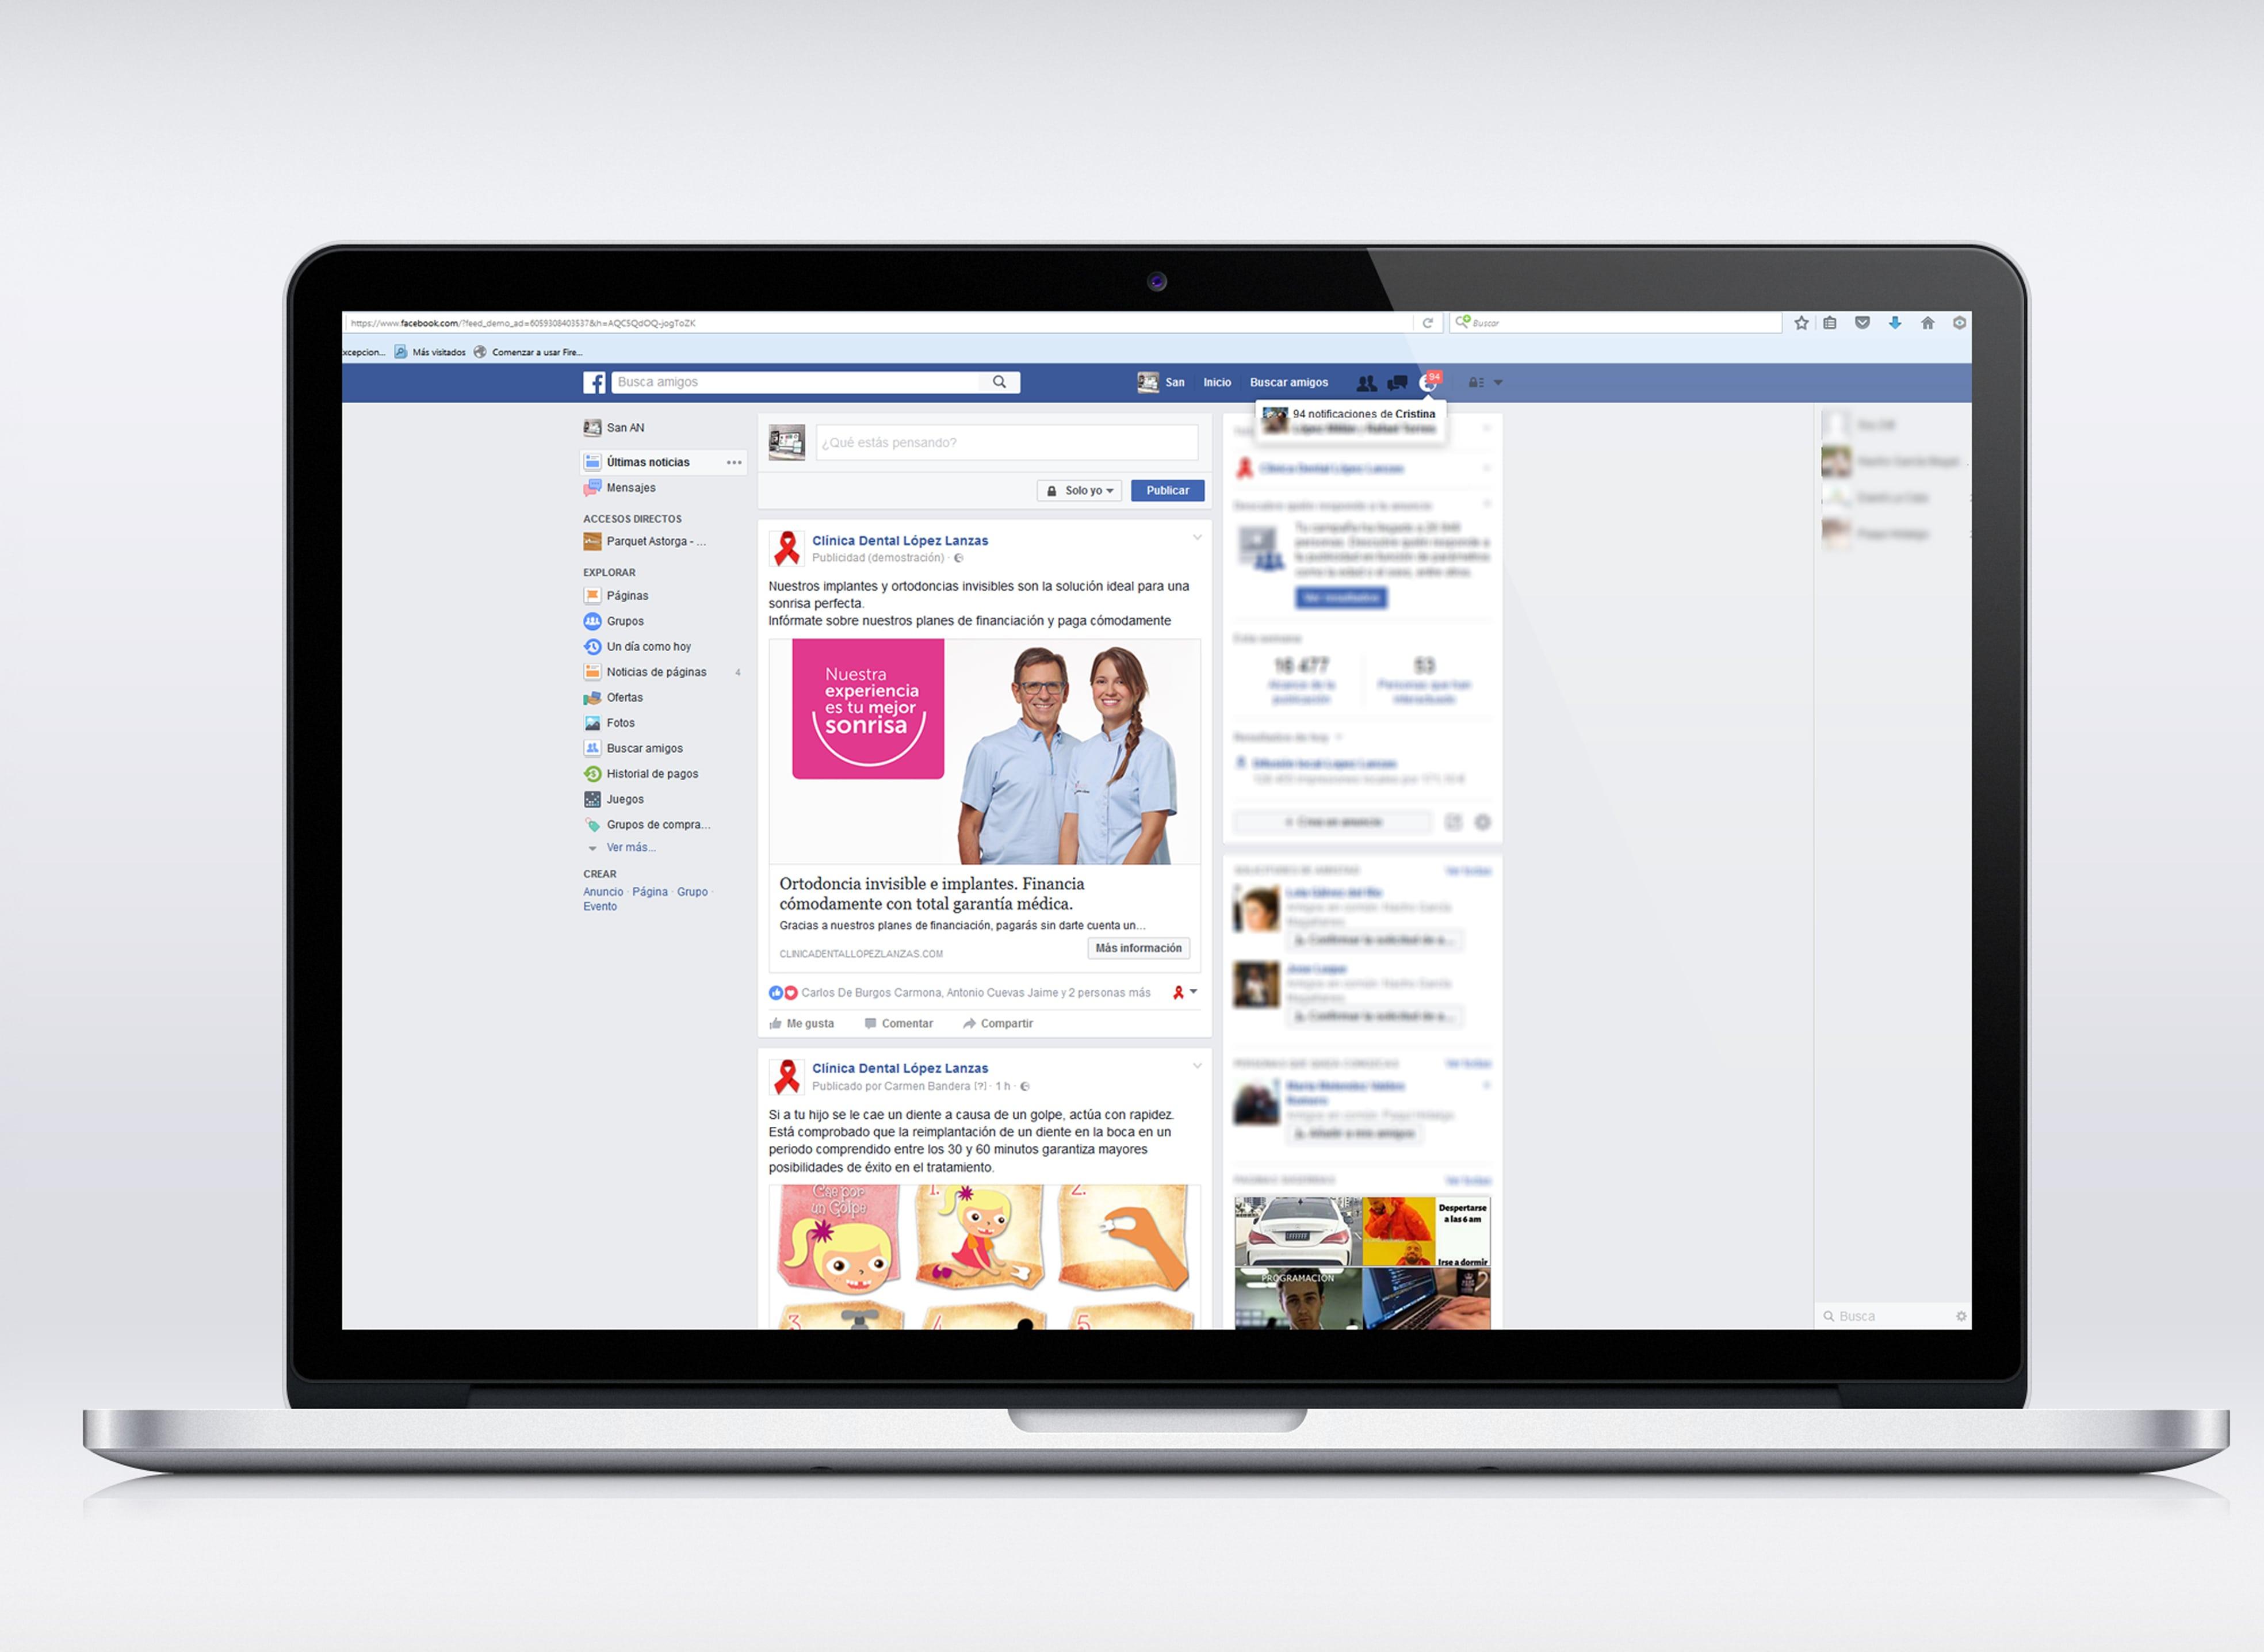 campaña en Facebook Clínica Dental Lopez Lanzas- Anpublicidad